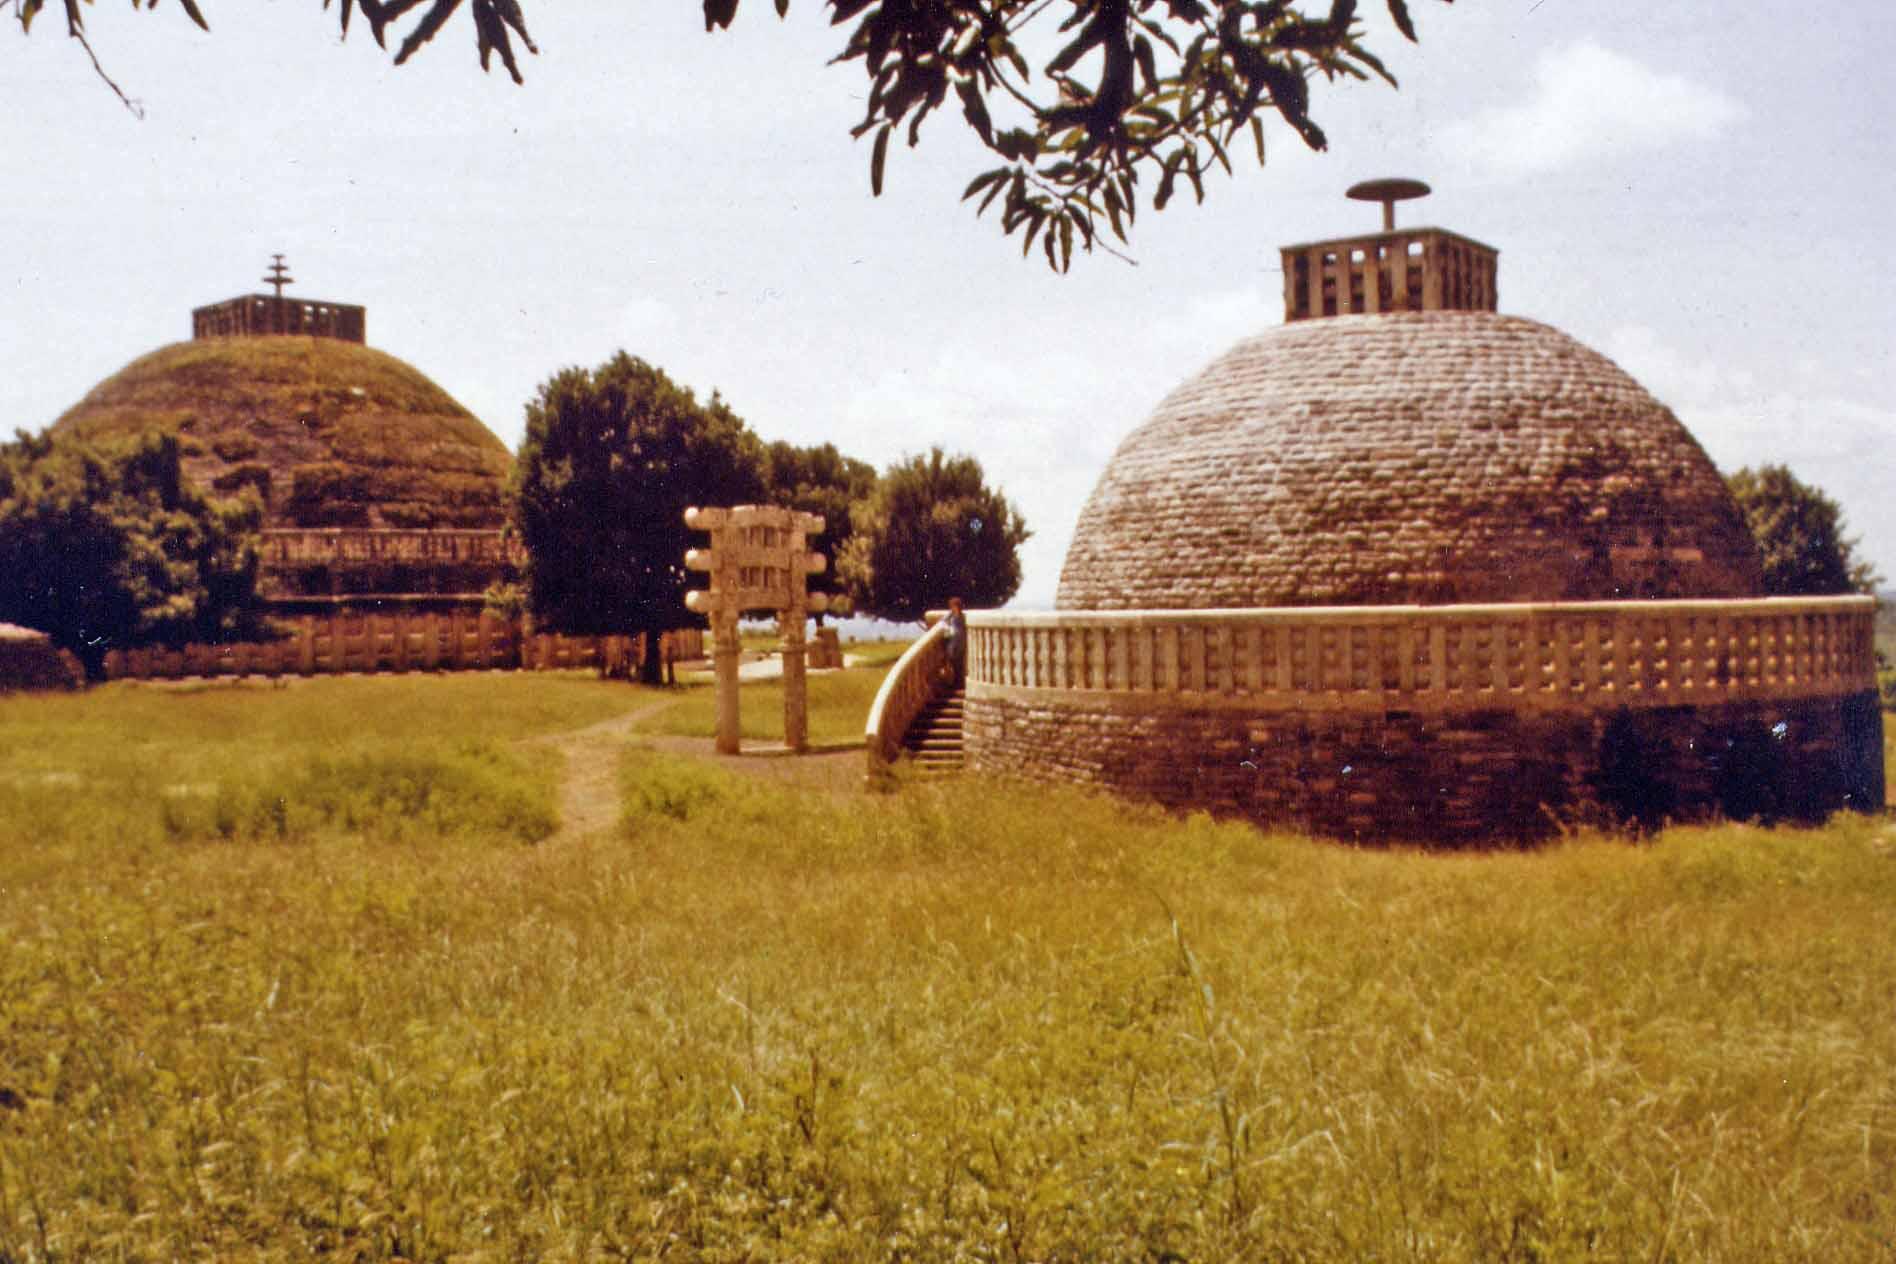 Stupas in Bhopal